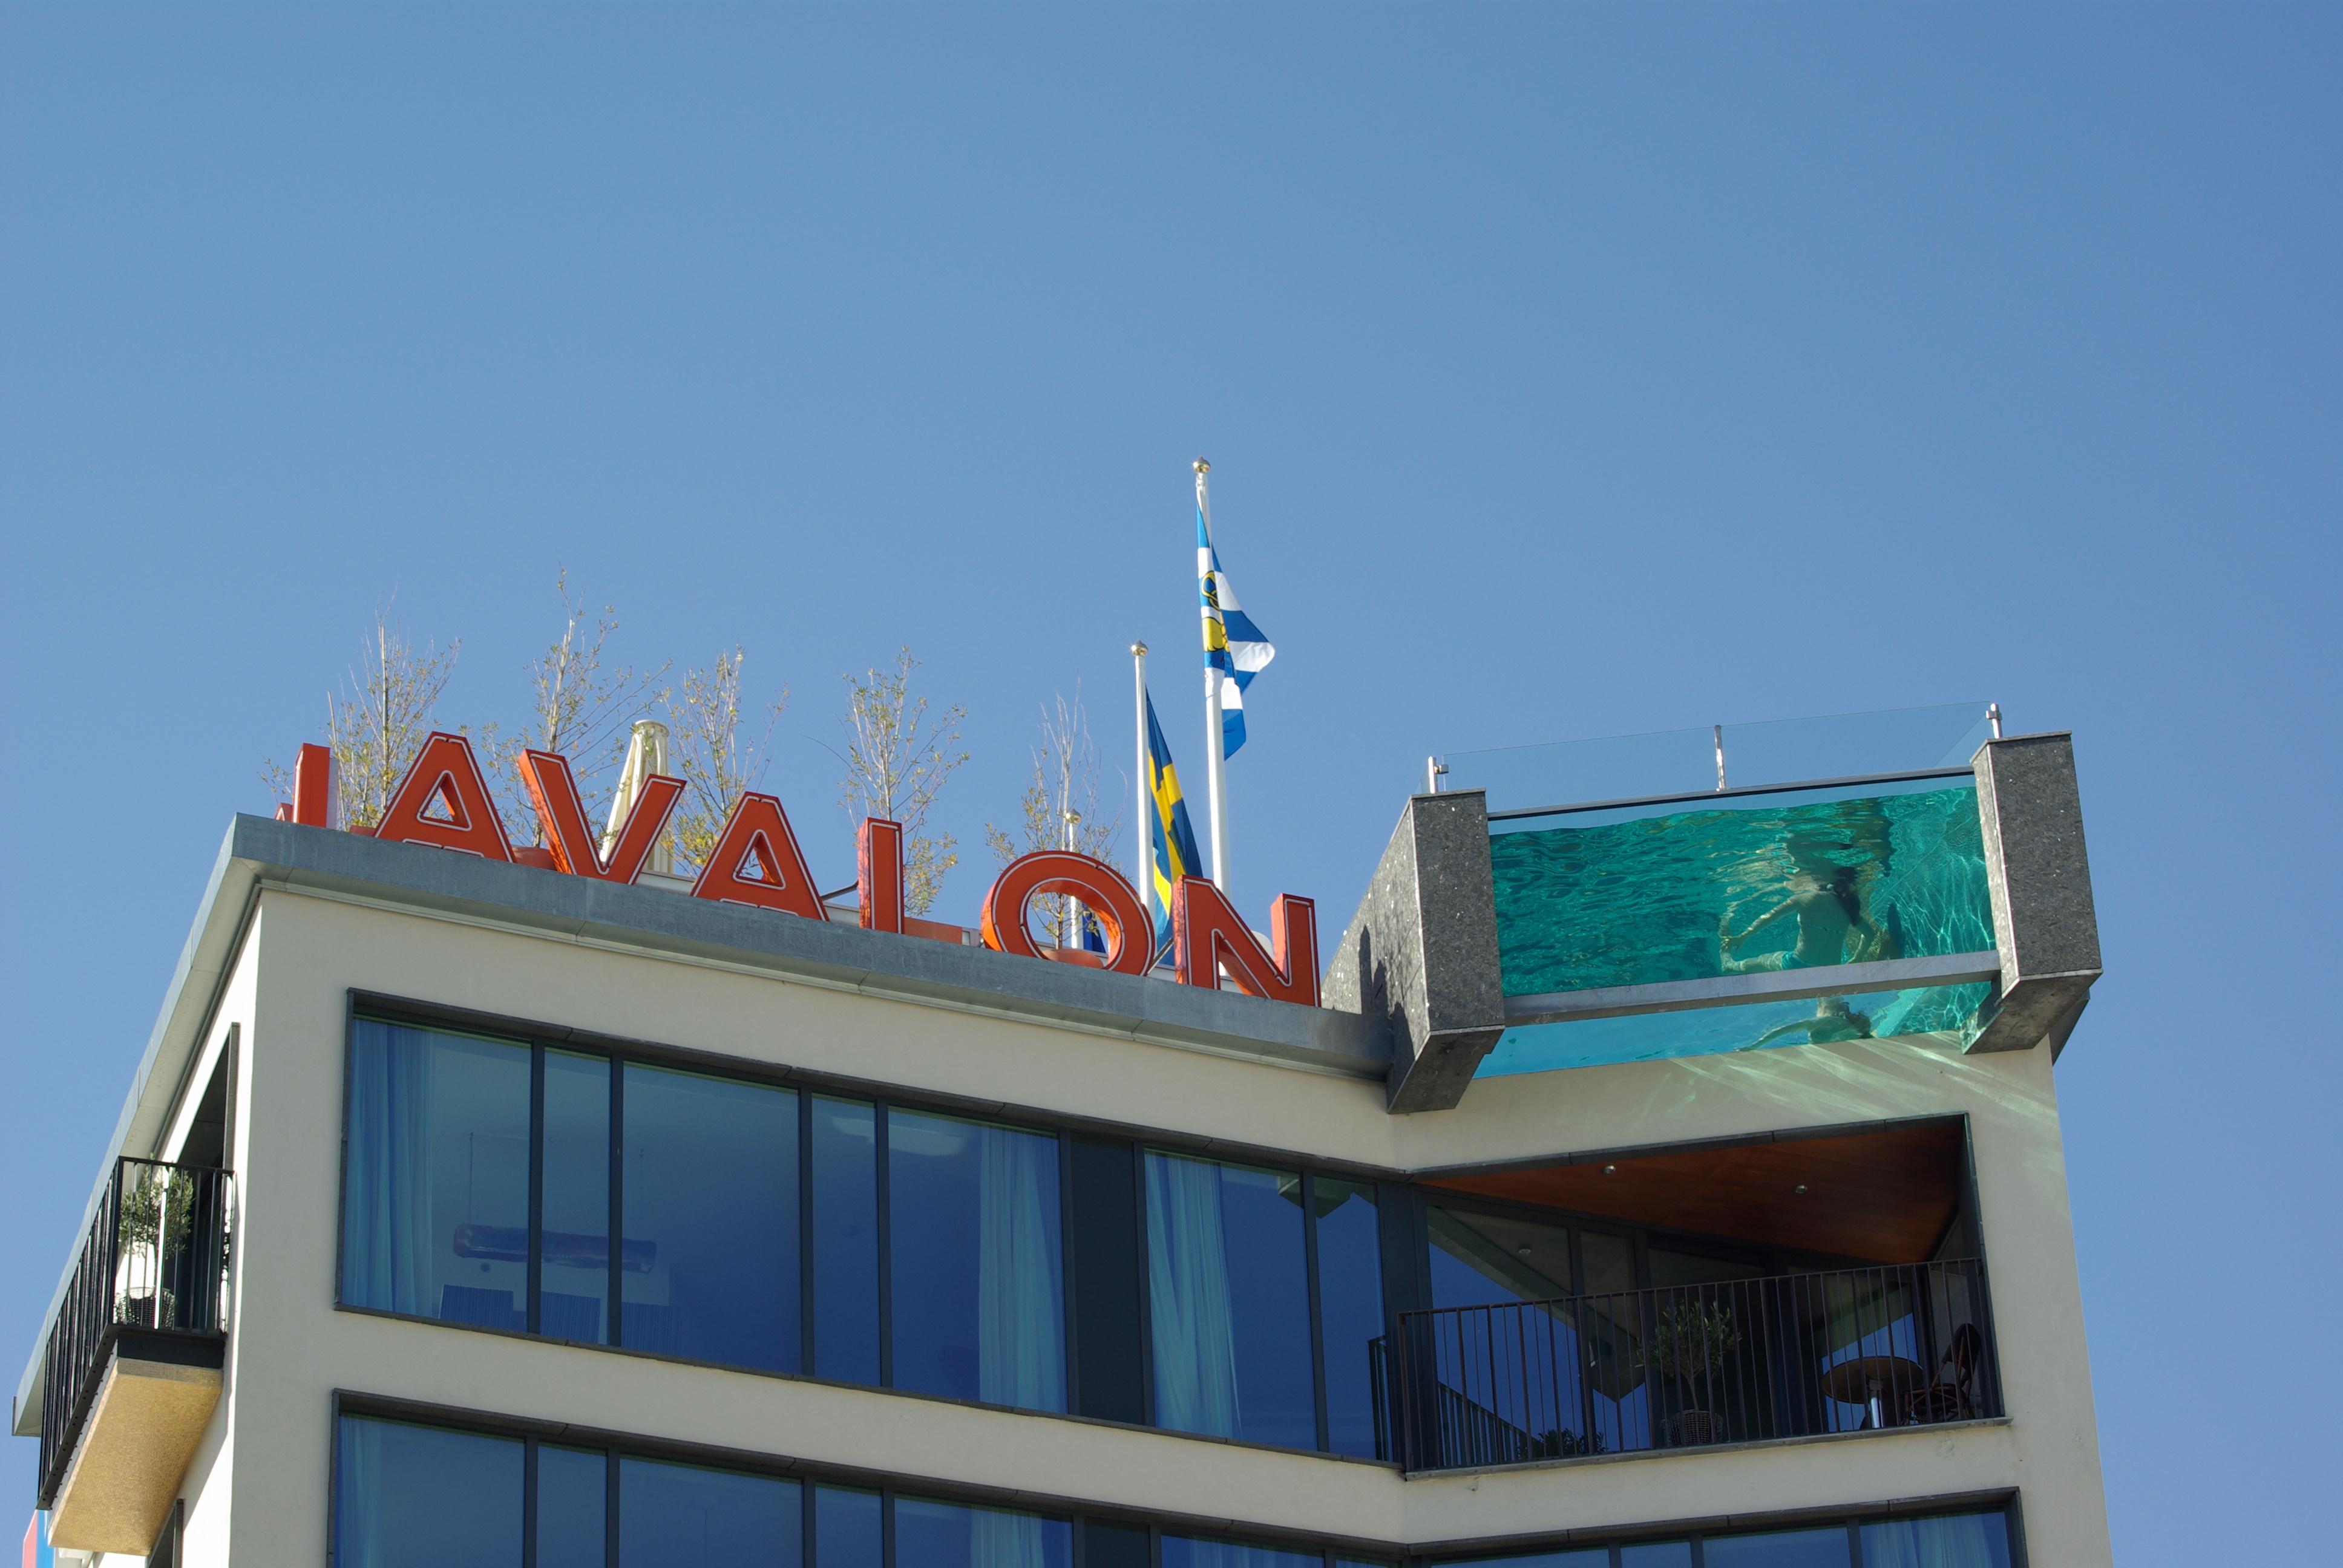 Hotell Avalon, Göteborg